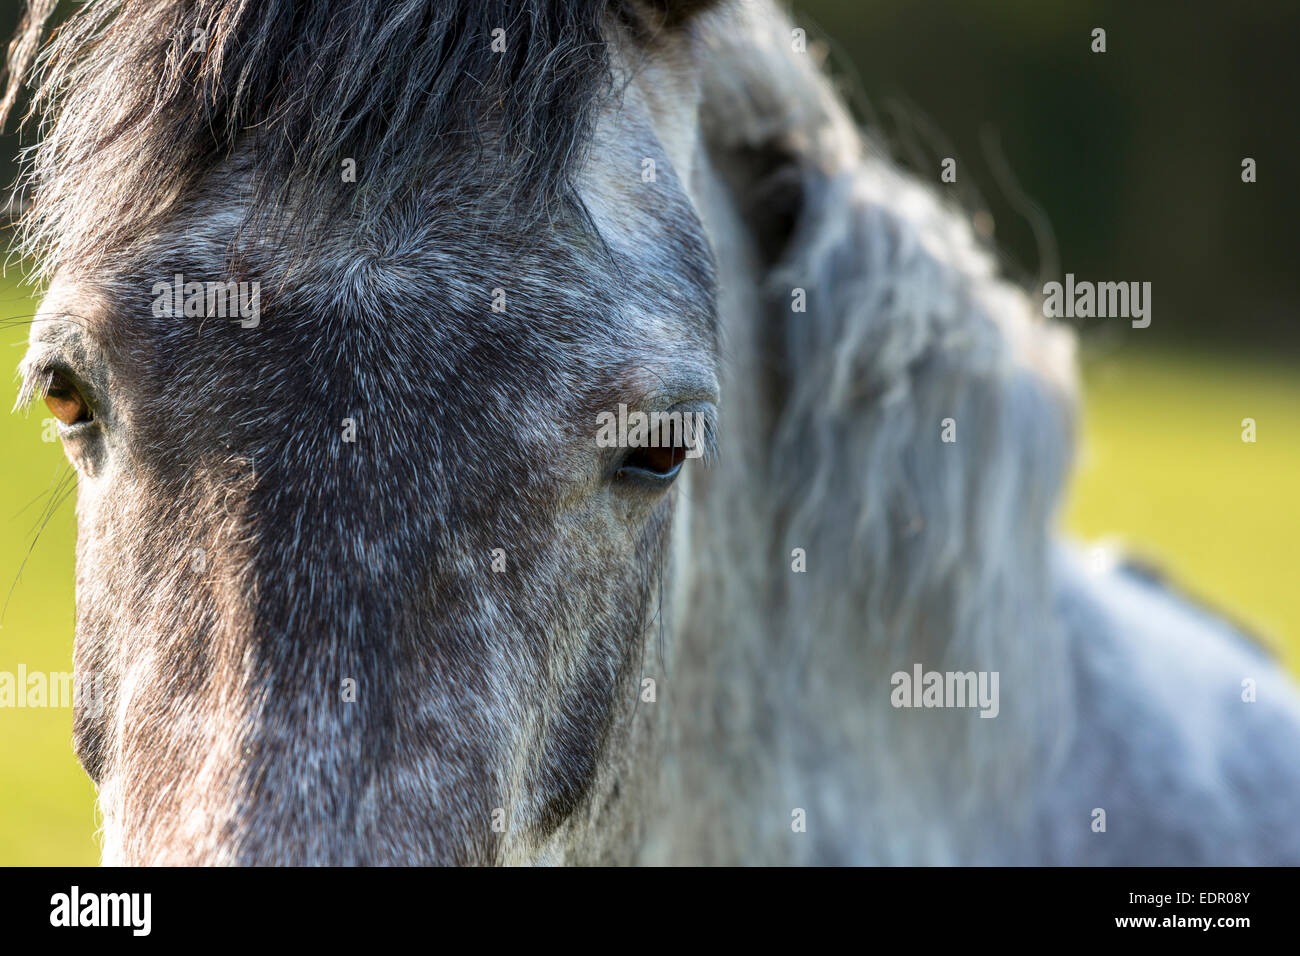 Nahaufnahme von einem Roan (Strawberry Roan) Farbe Pferd in England Stockbild